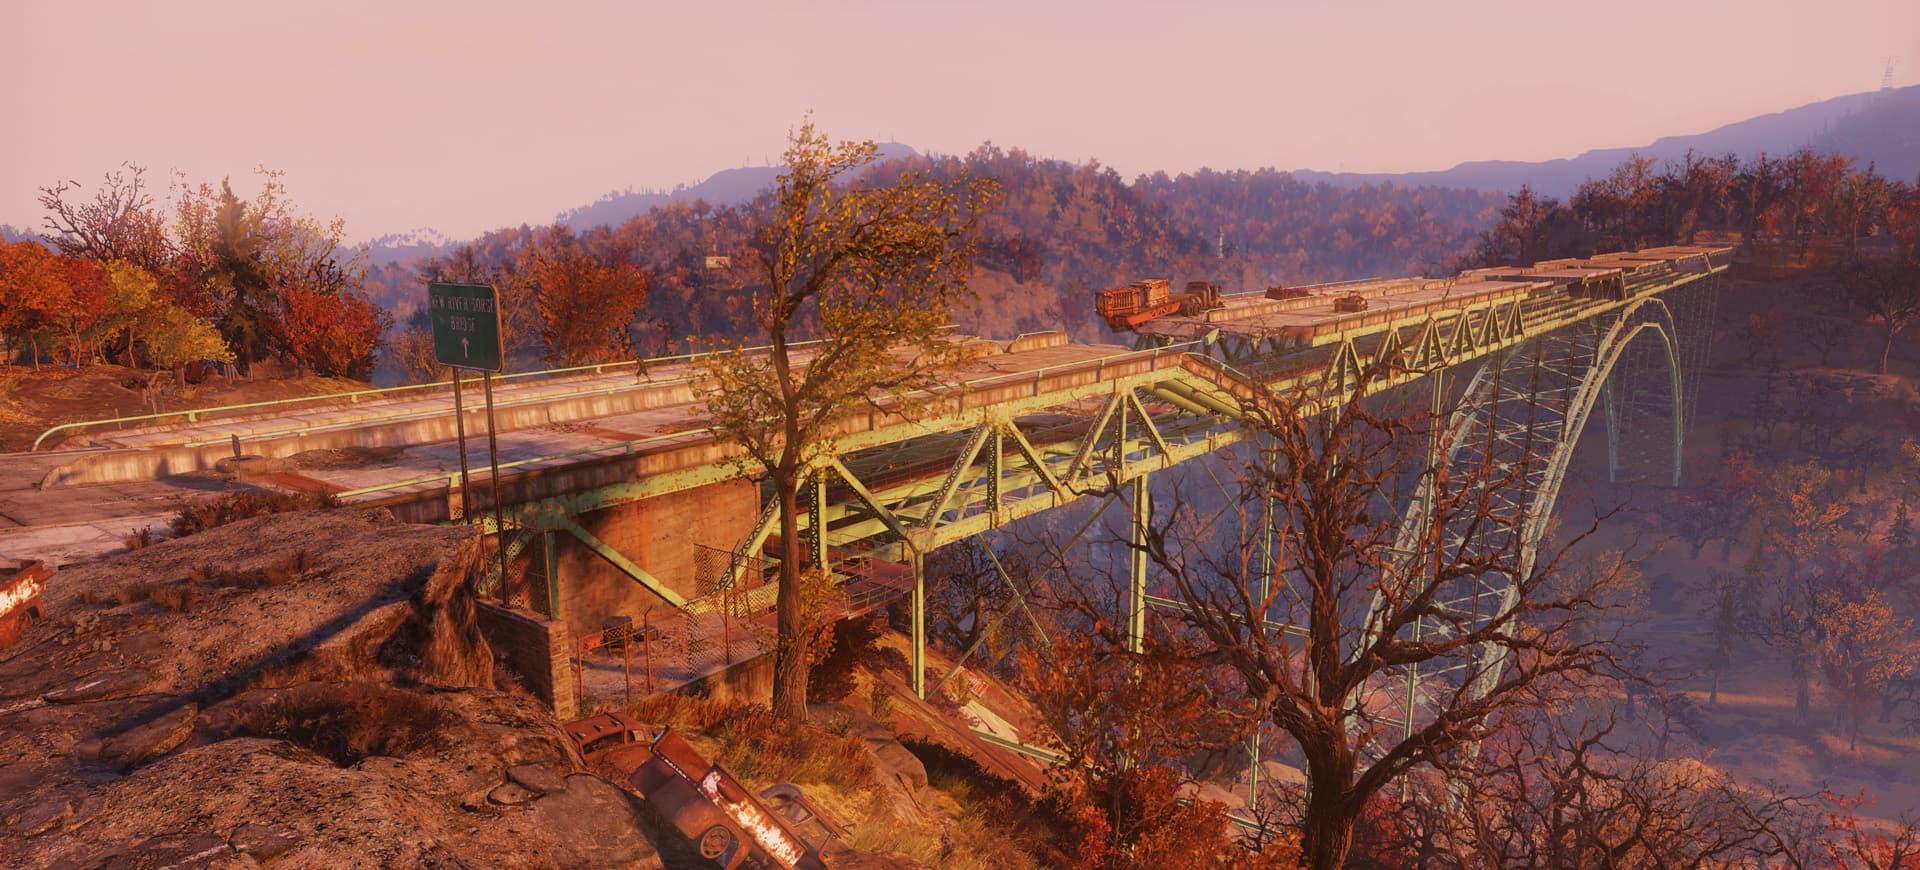 La comunidad de Fallout 76 ha declarado la guerra a los suscriptores de Fallout 1st